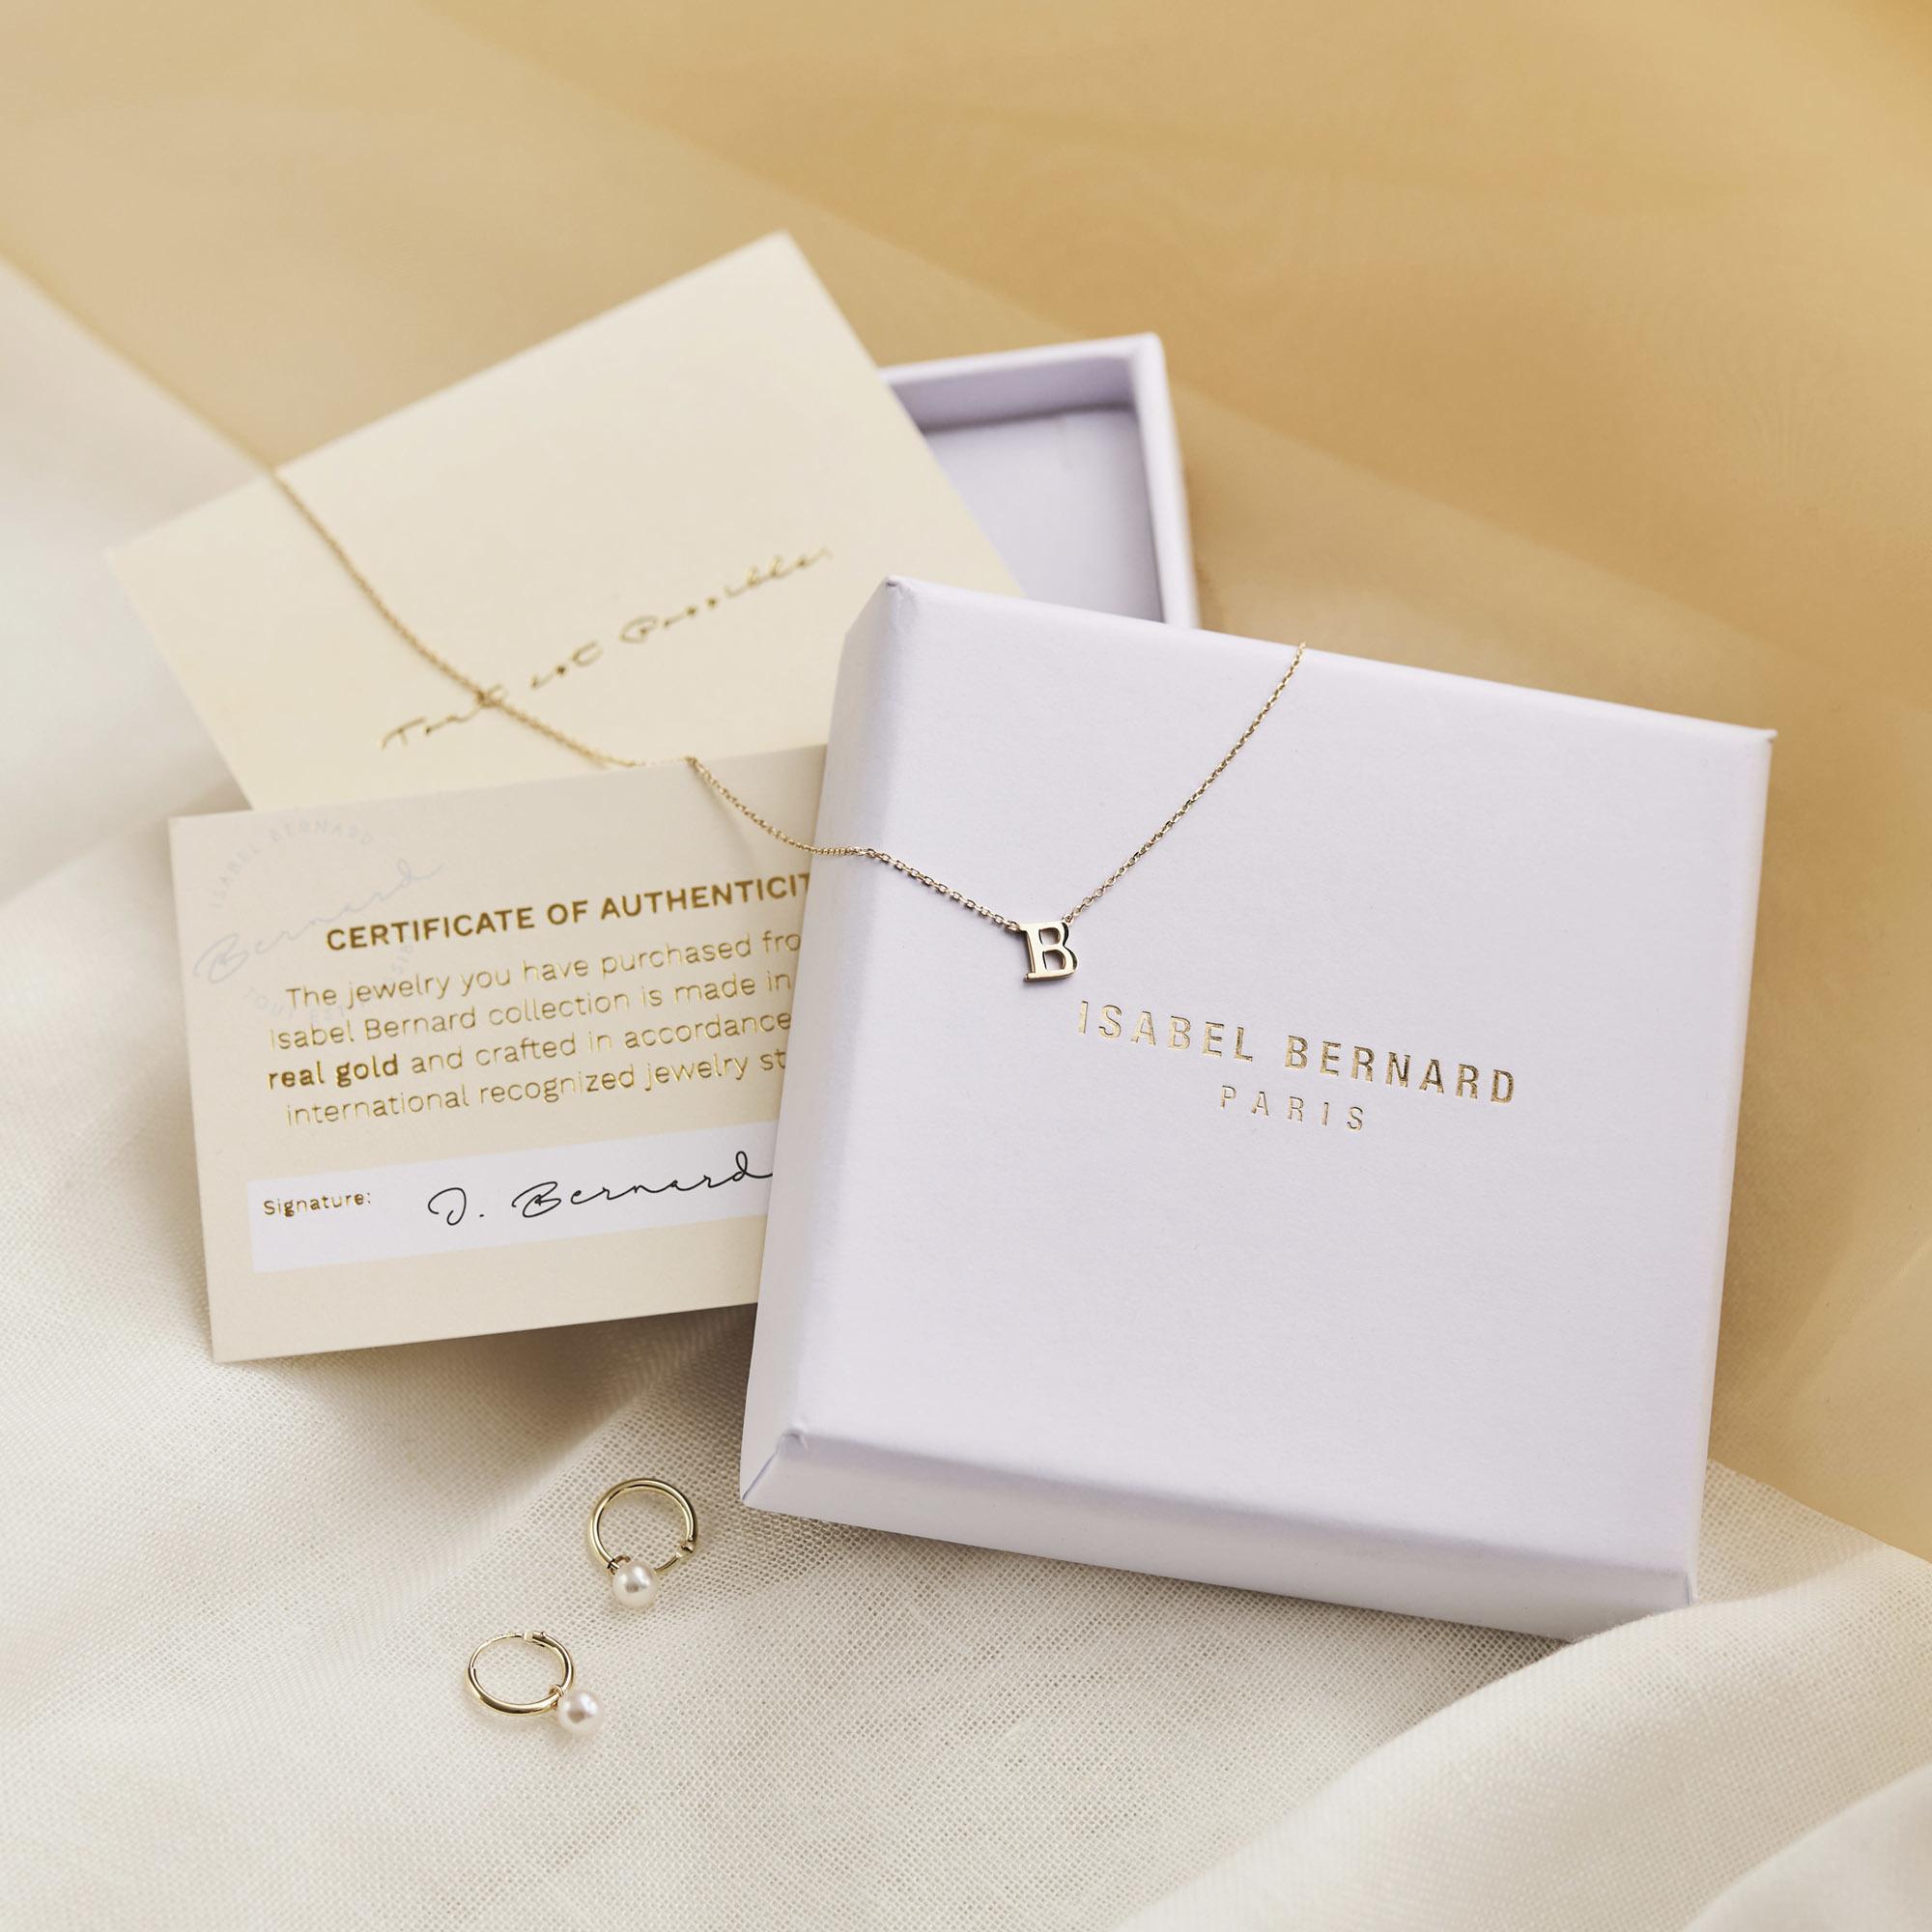 Isabel Bernard Belleville Anna 14 karat gold earrings